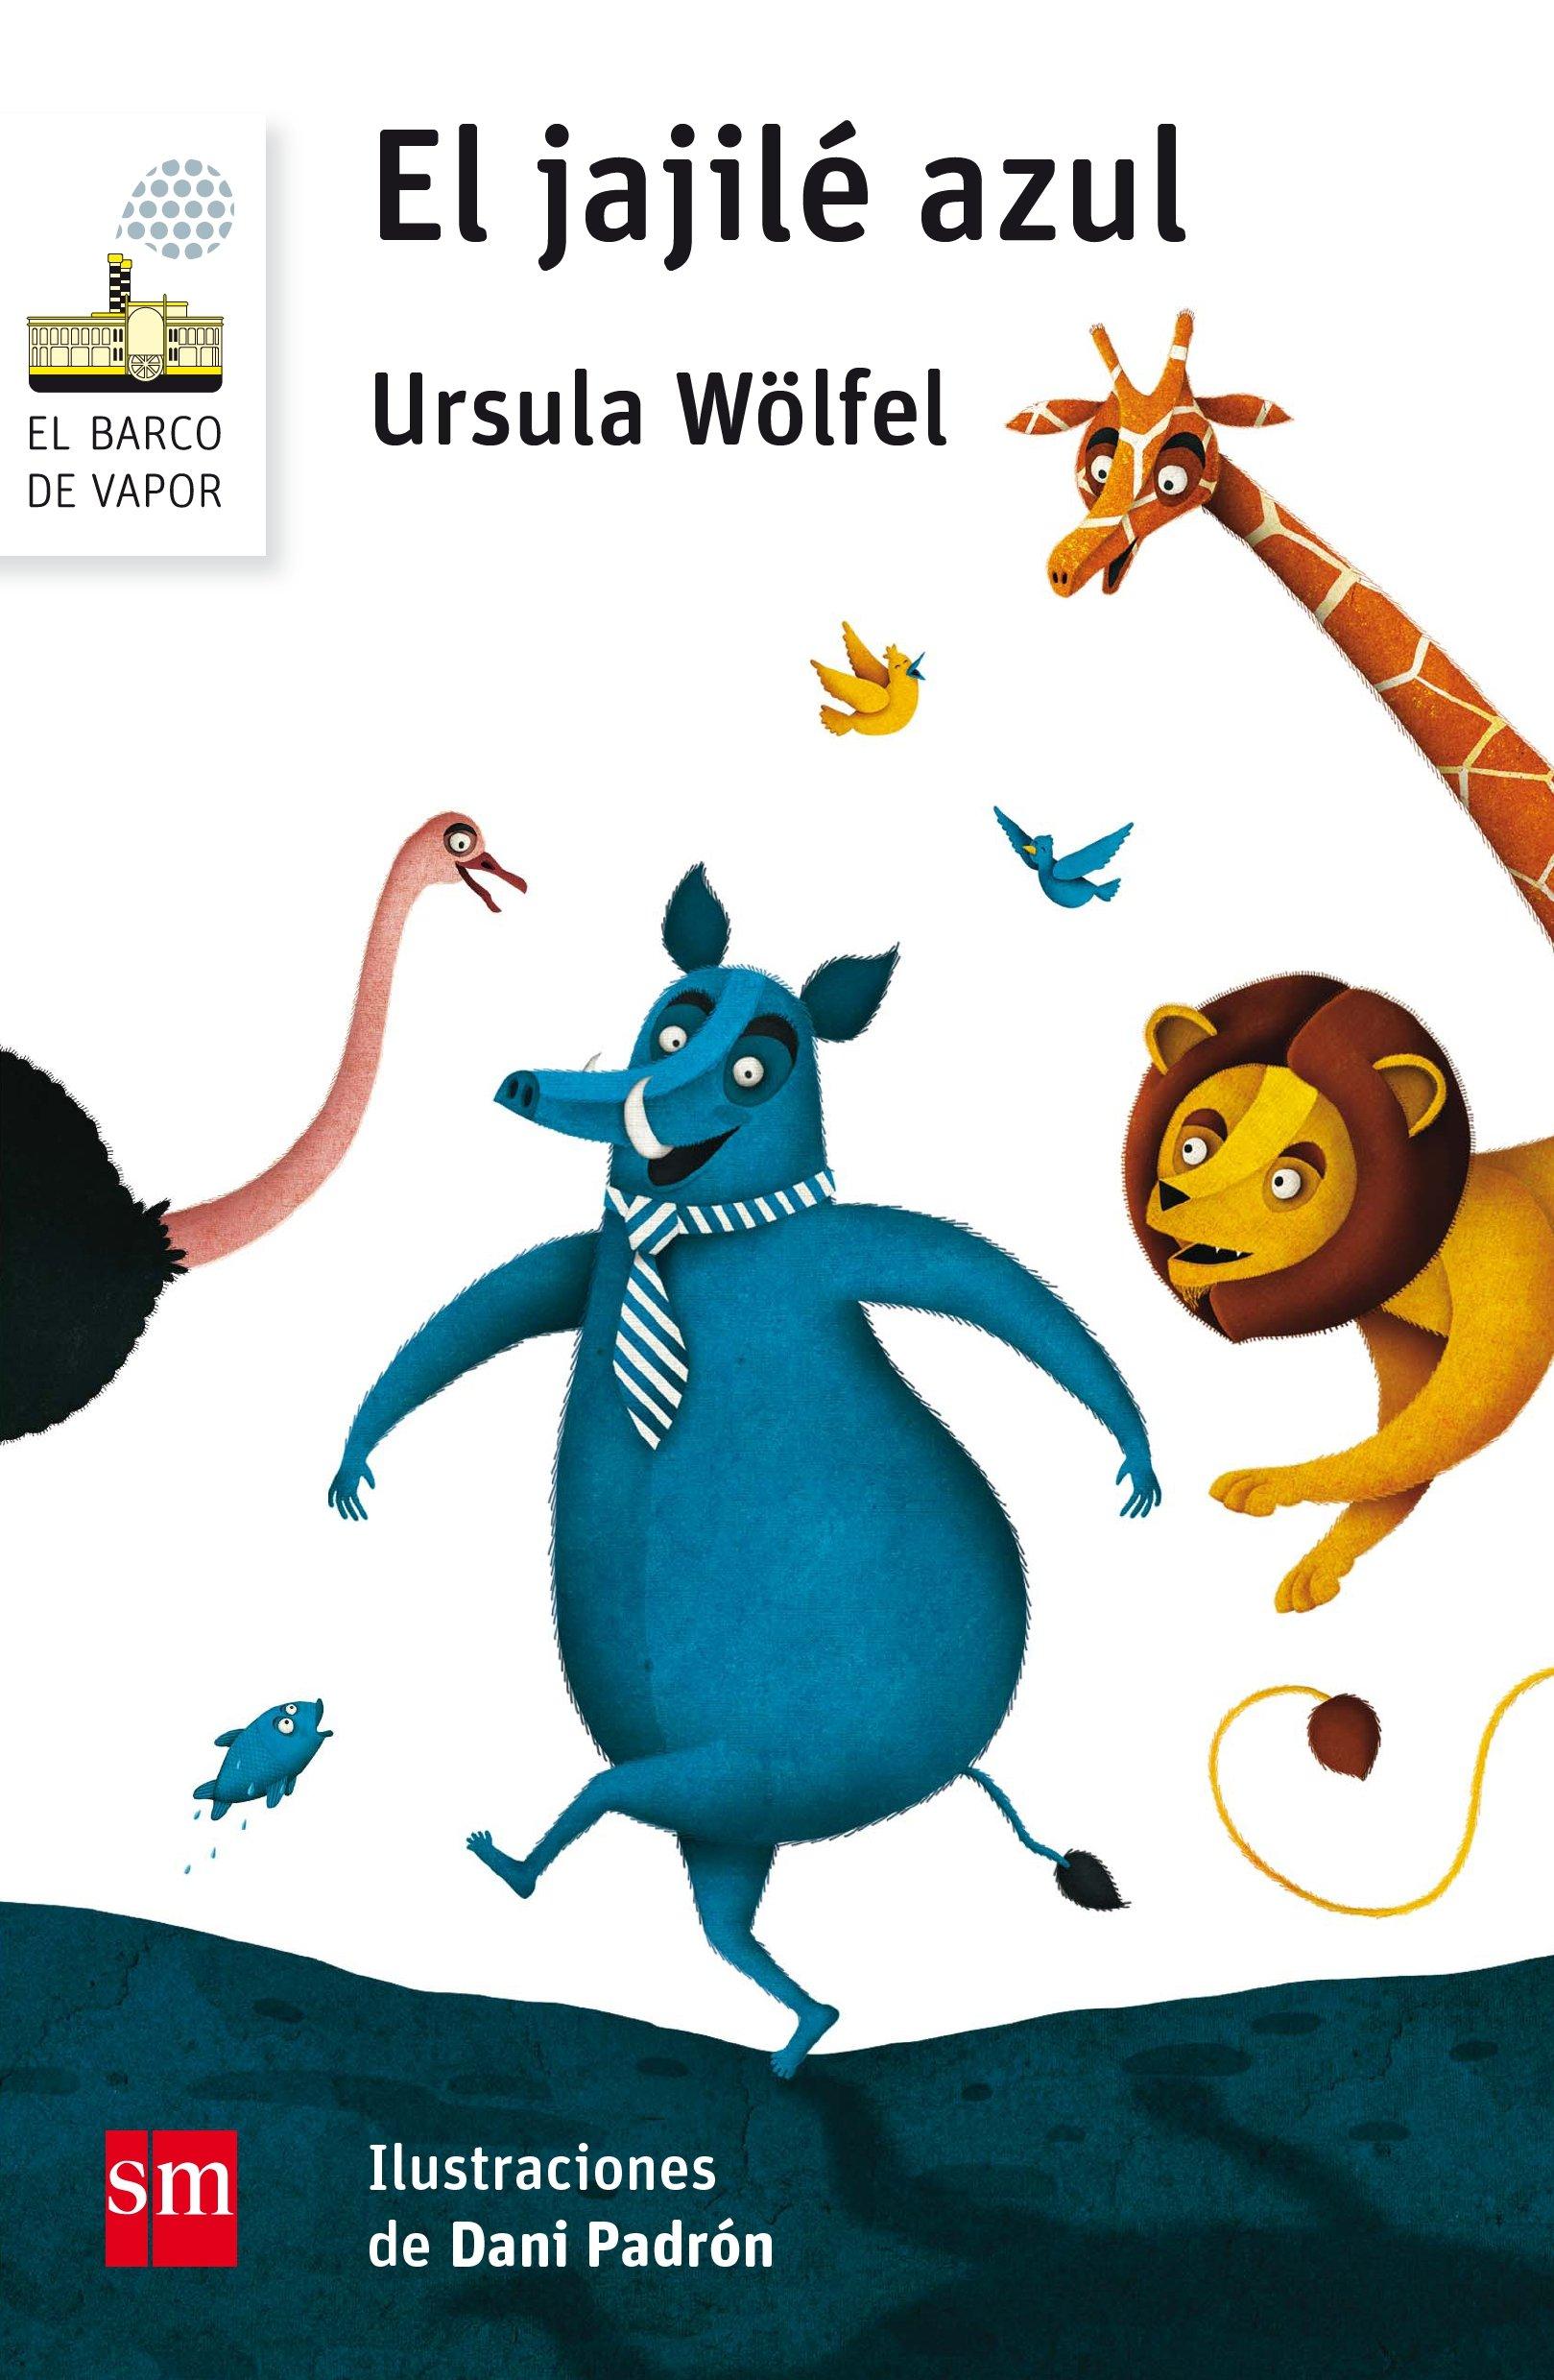 El jajilé azul (El Barco de Vapor Blanca): Amazon.es: Ursula Wölfel, Daniel Iglesias Padrón, Carmen Bas López: Libros